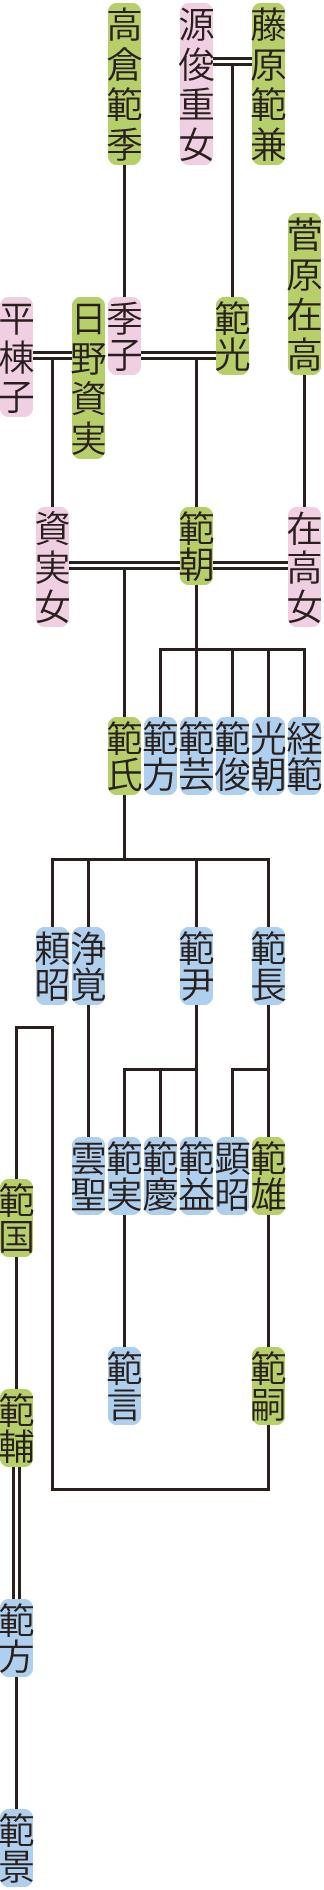 藤原範朝の系図